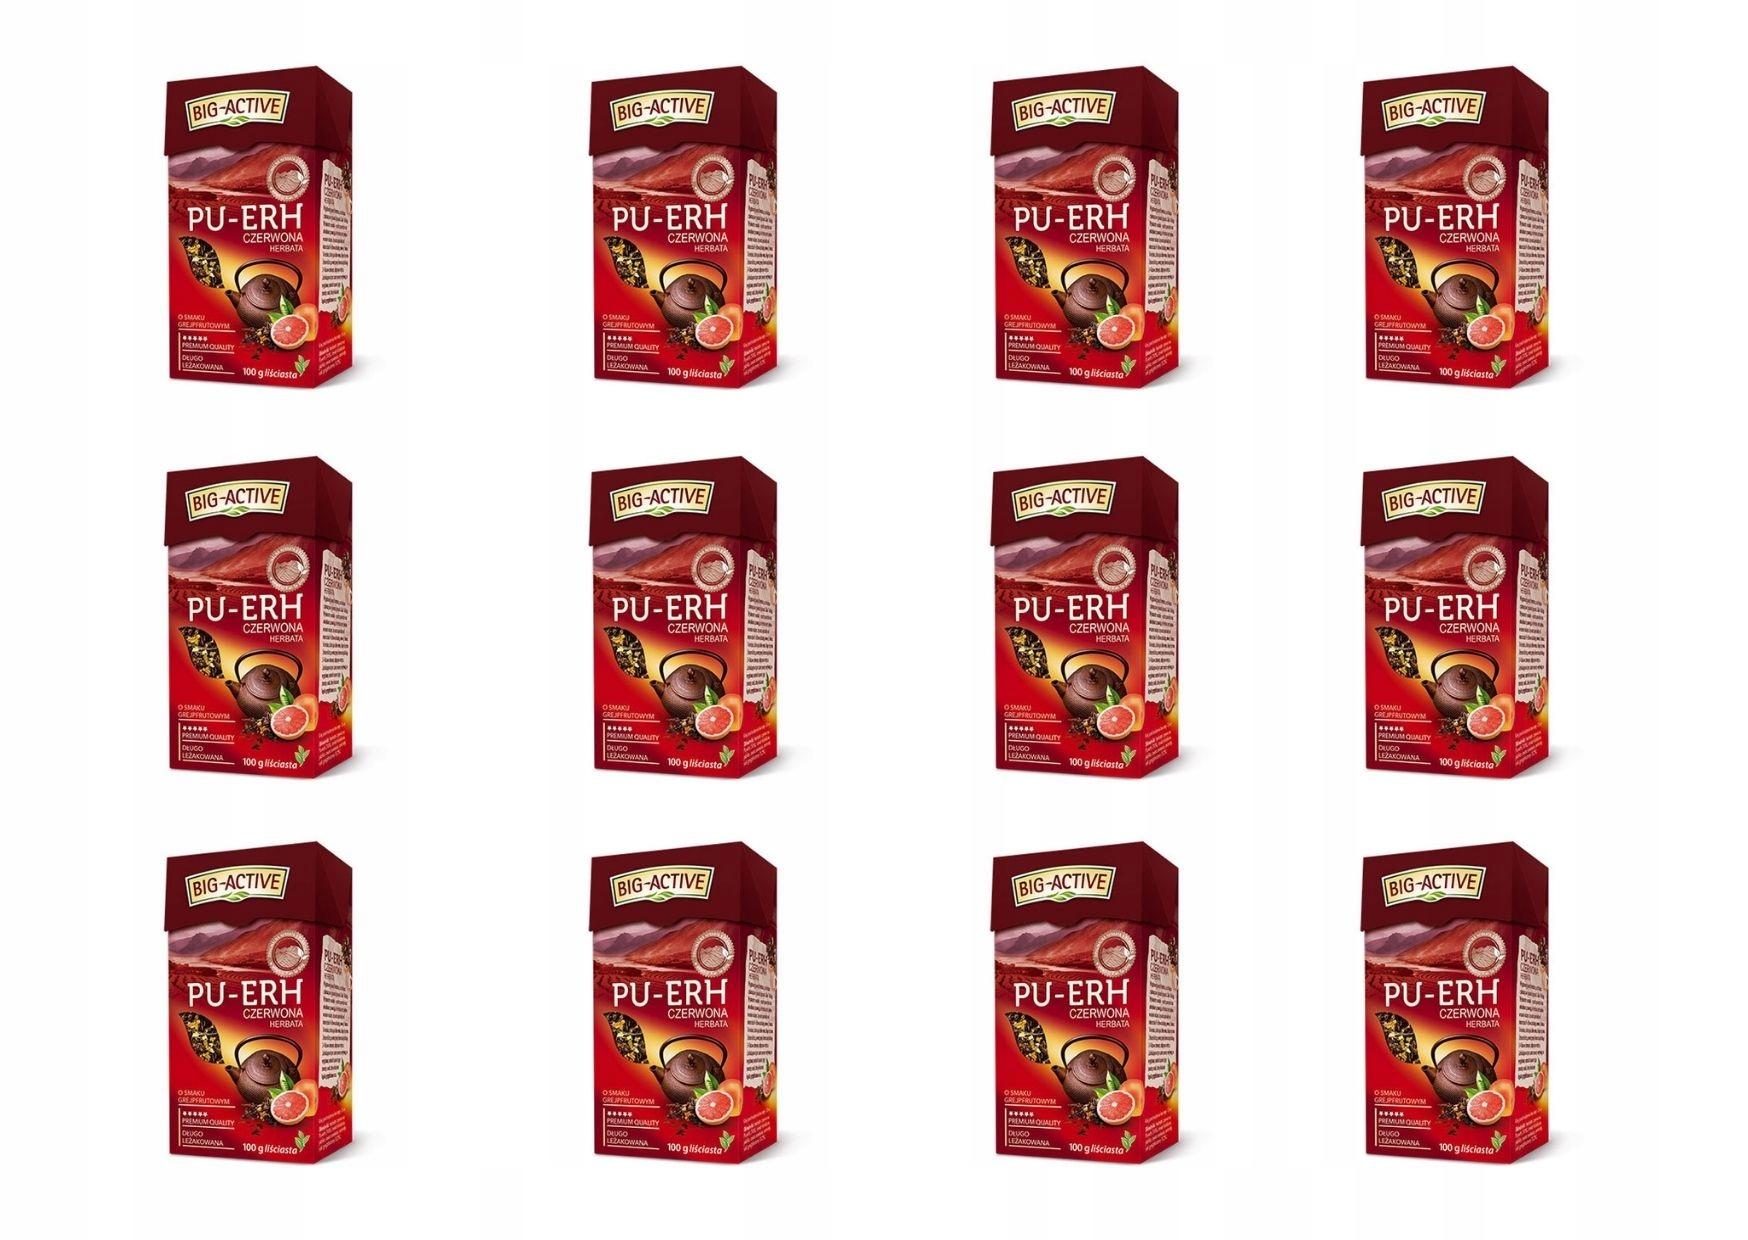 BIG ACTIVE Pu-Erh грейпфрут в картонной упаковке 12 x 100 г